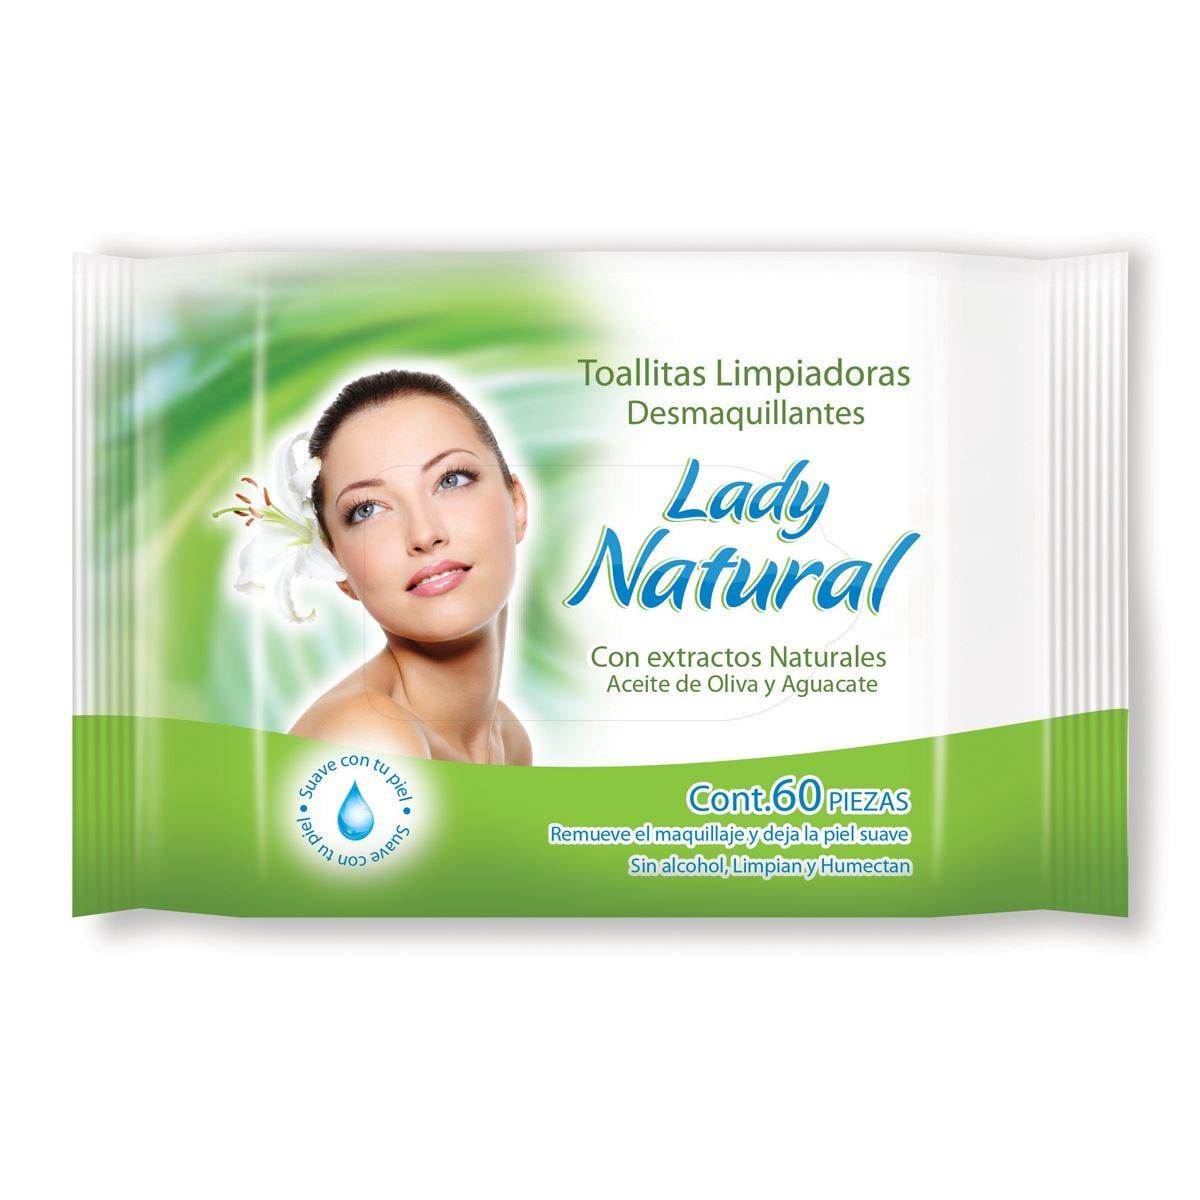 Toallas Limpiadoras Desmaquillantes Pepino Lady Natural 60 piezas